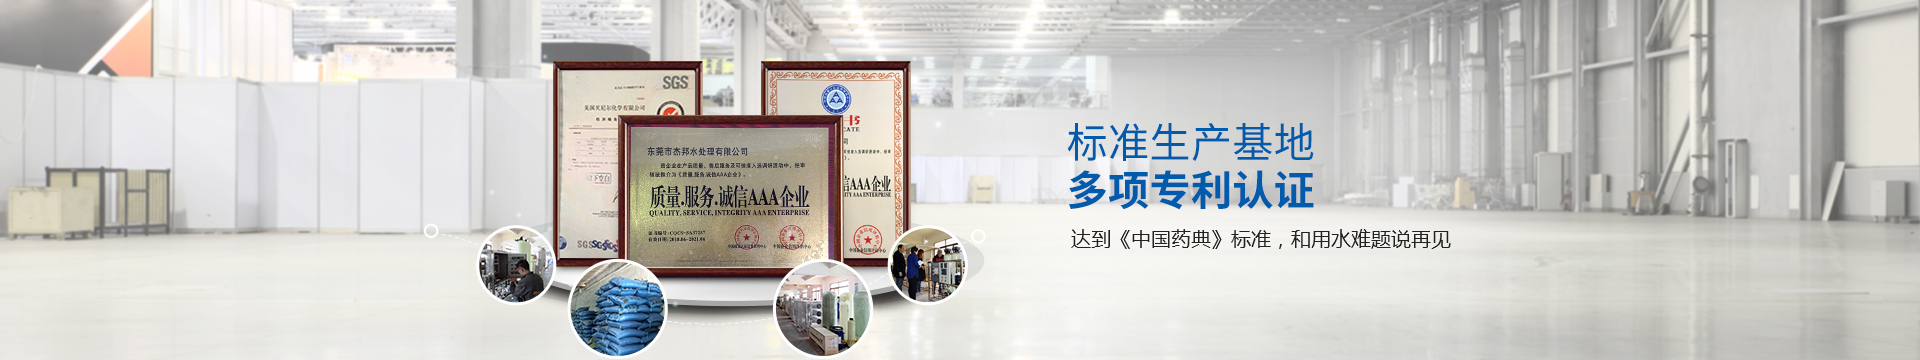 关于杰邦-6000平米生产基地,8项专利认证